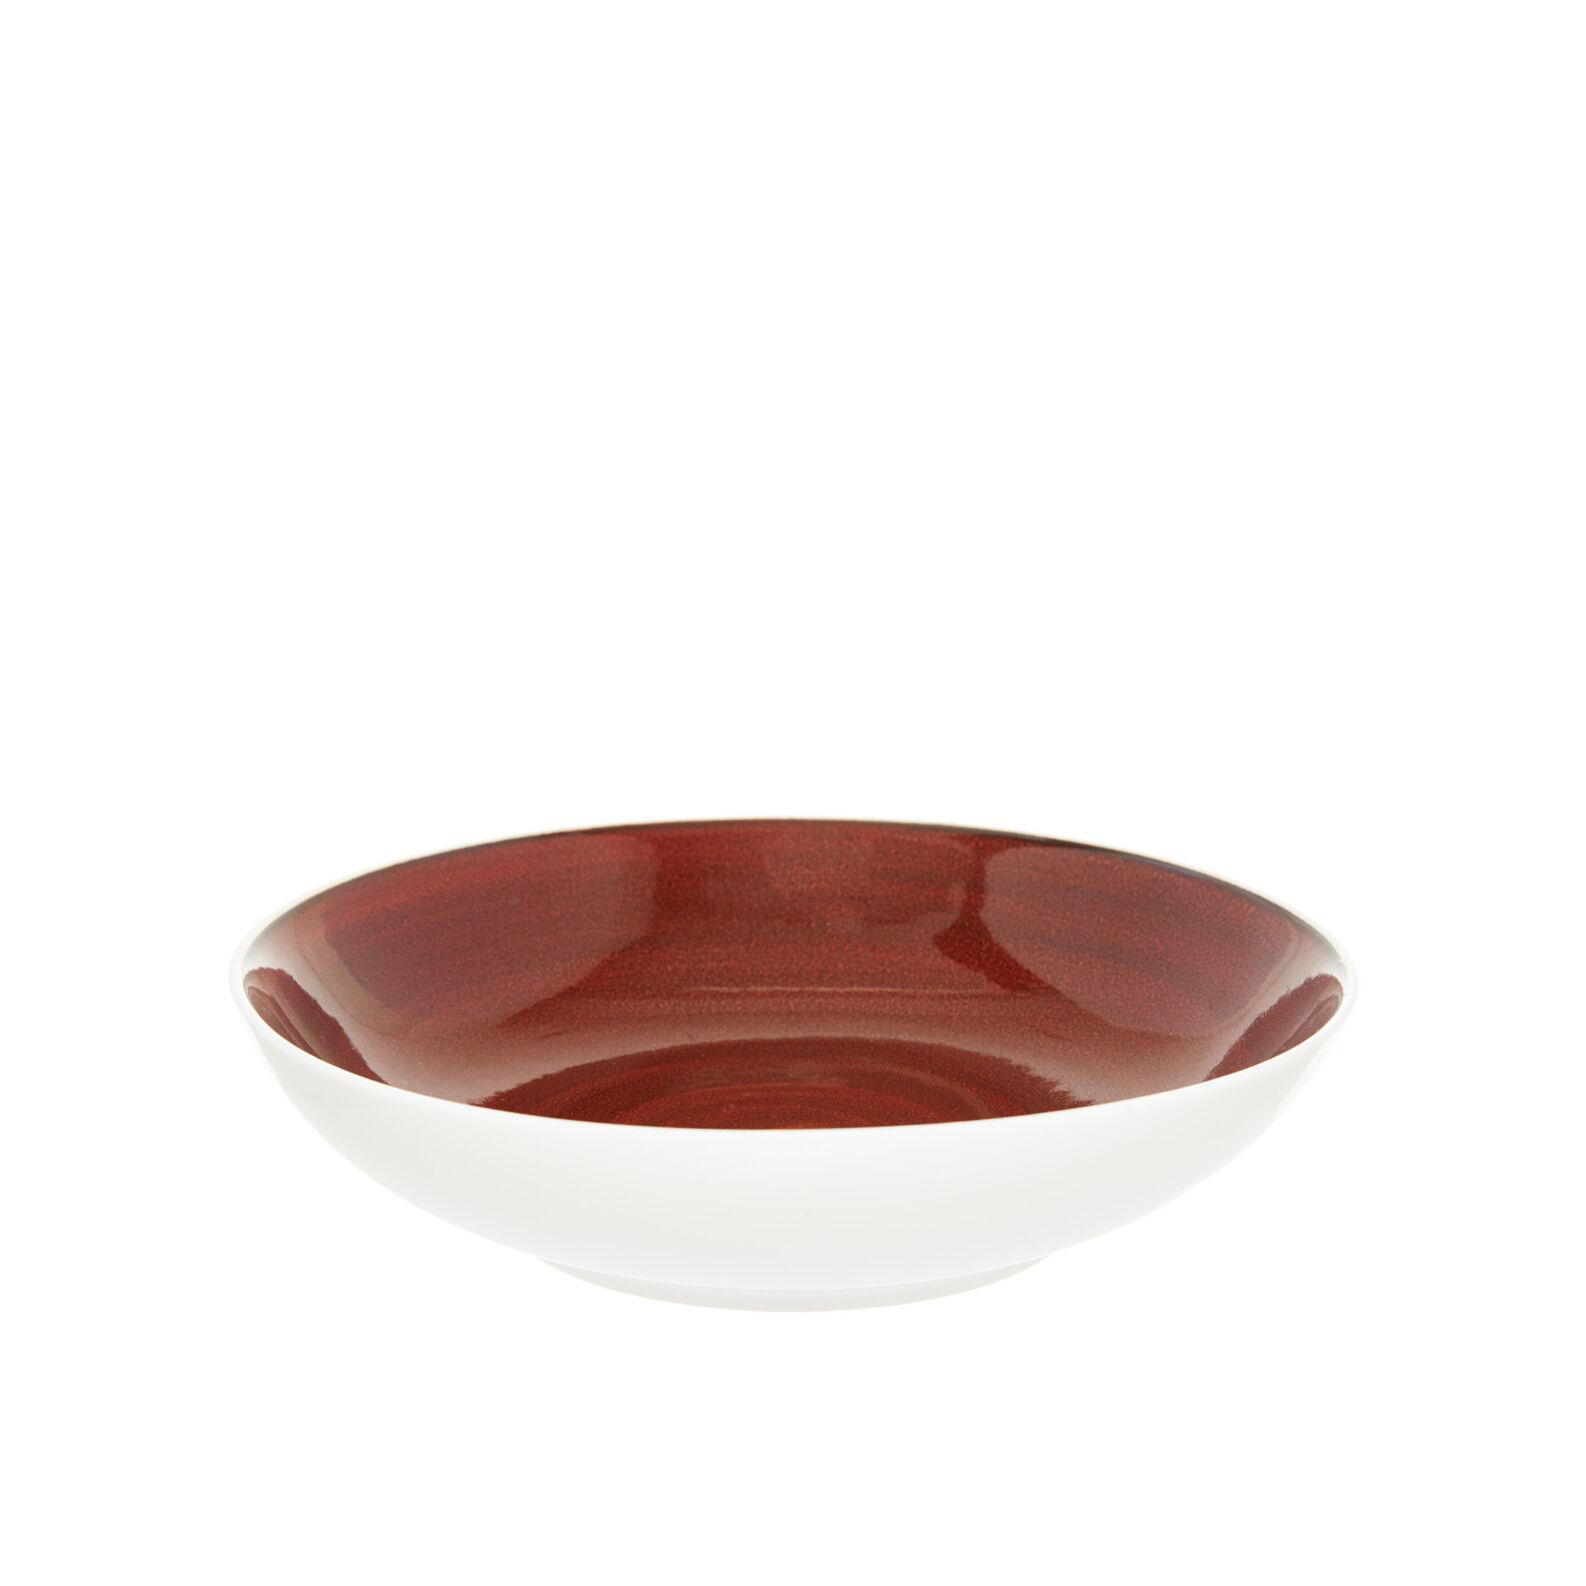 Speckled-effect porcelain soup bowl